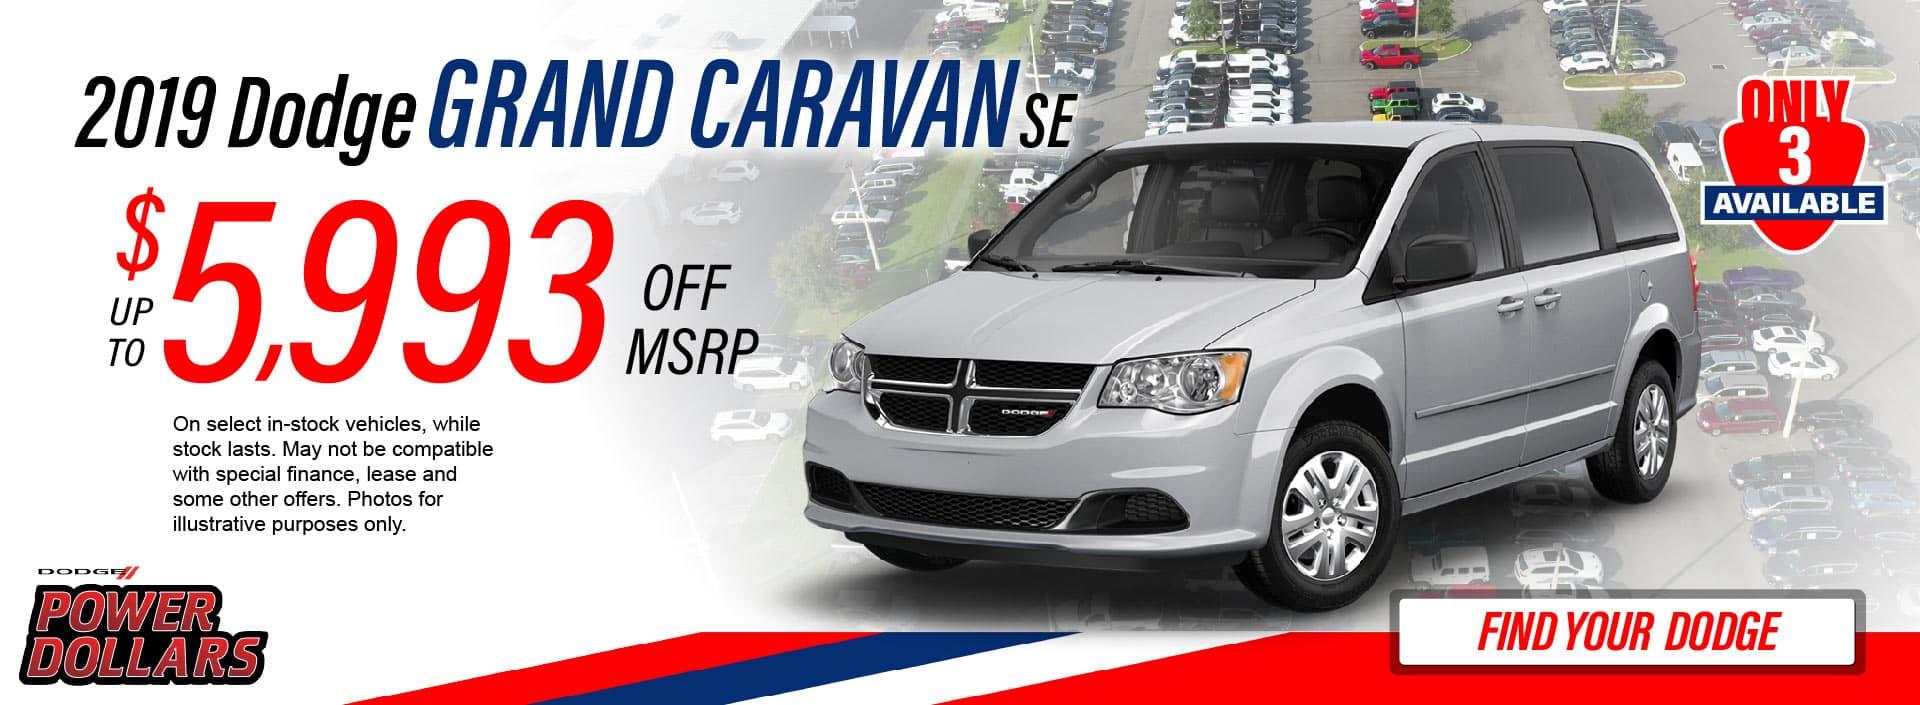 Grand Caravan Savings